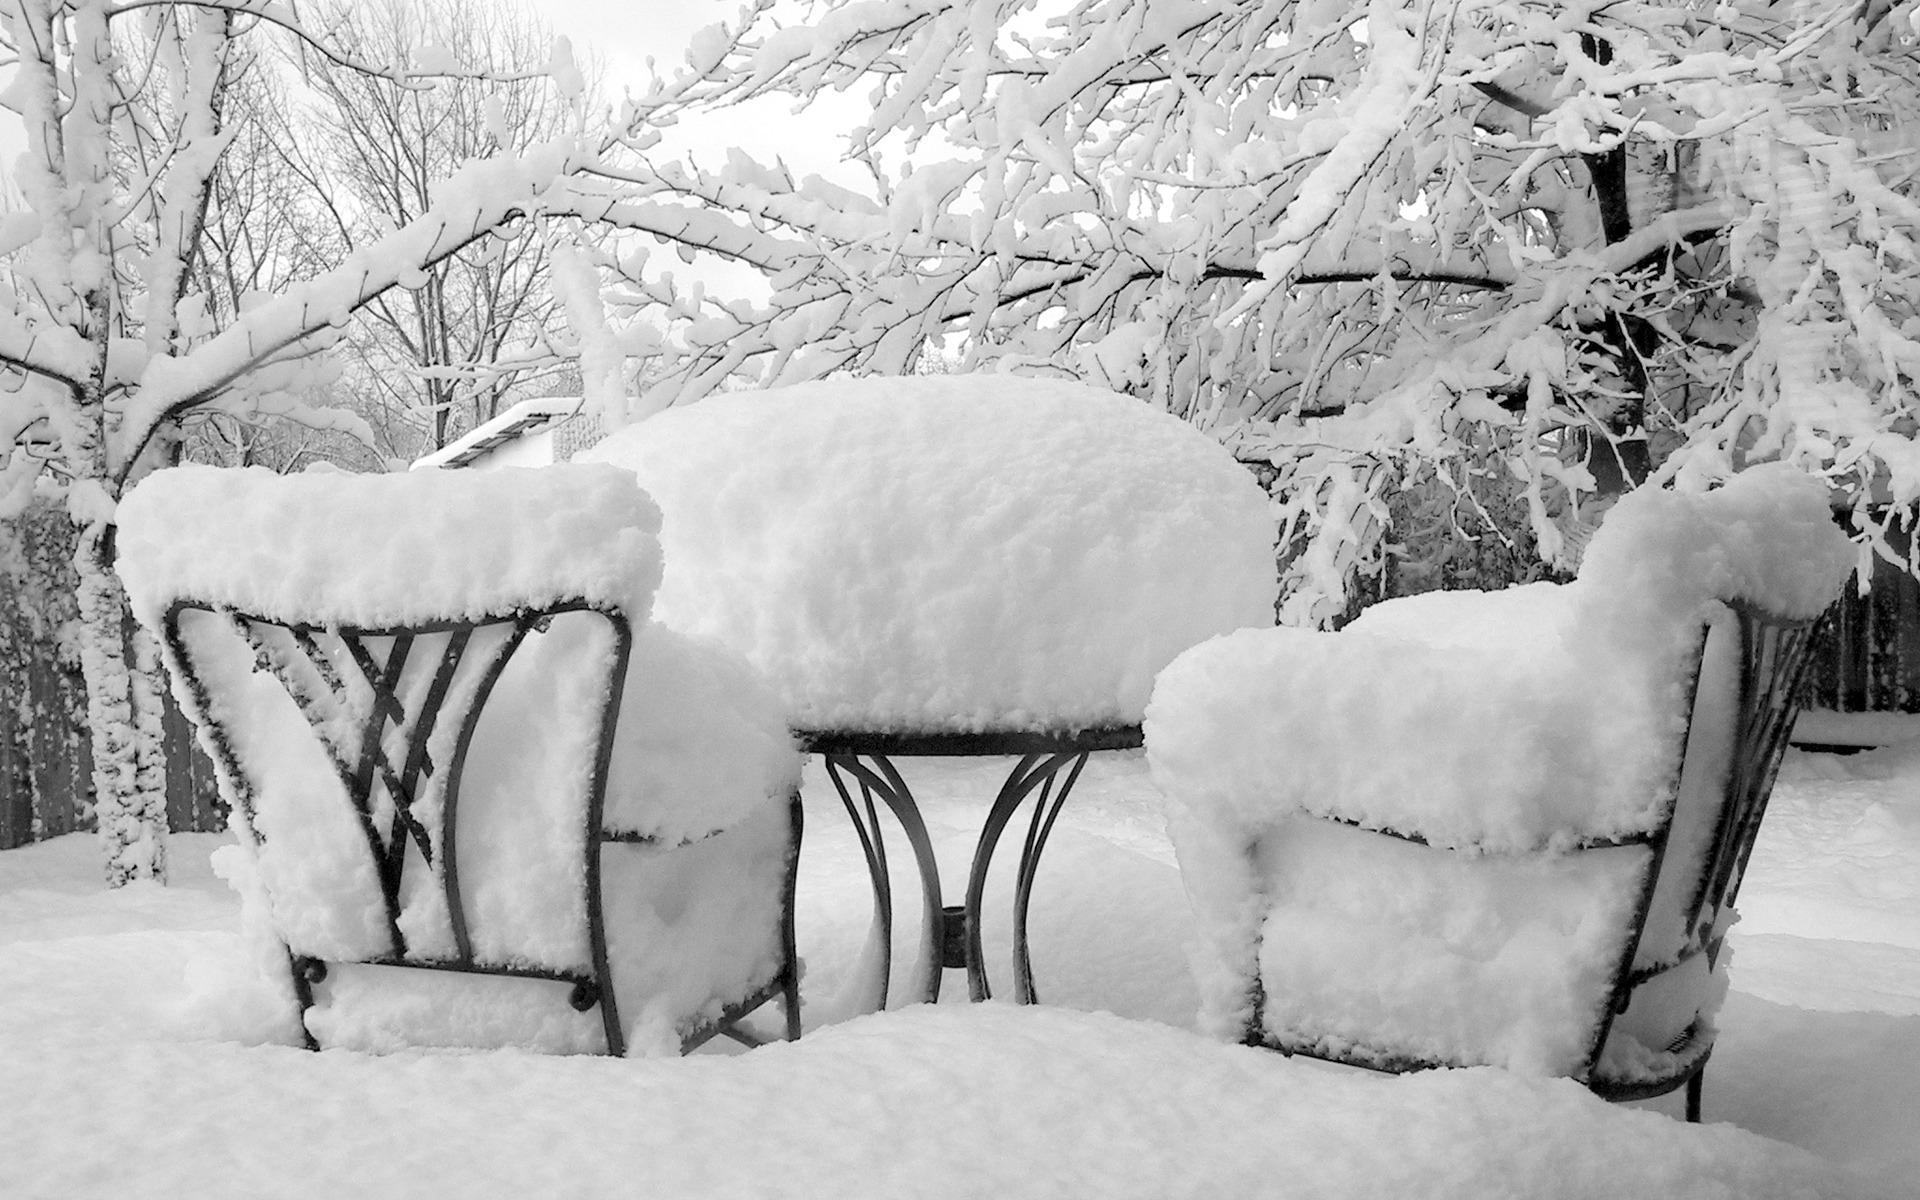 Снег, зима, обои для рабчоего стола, фото